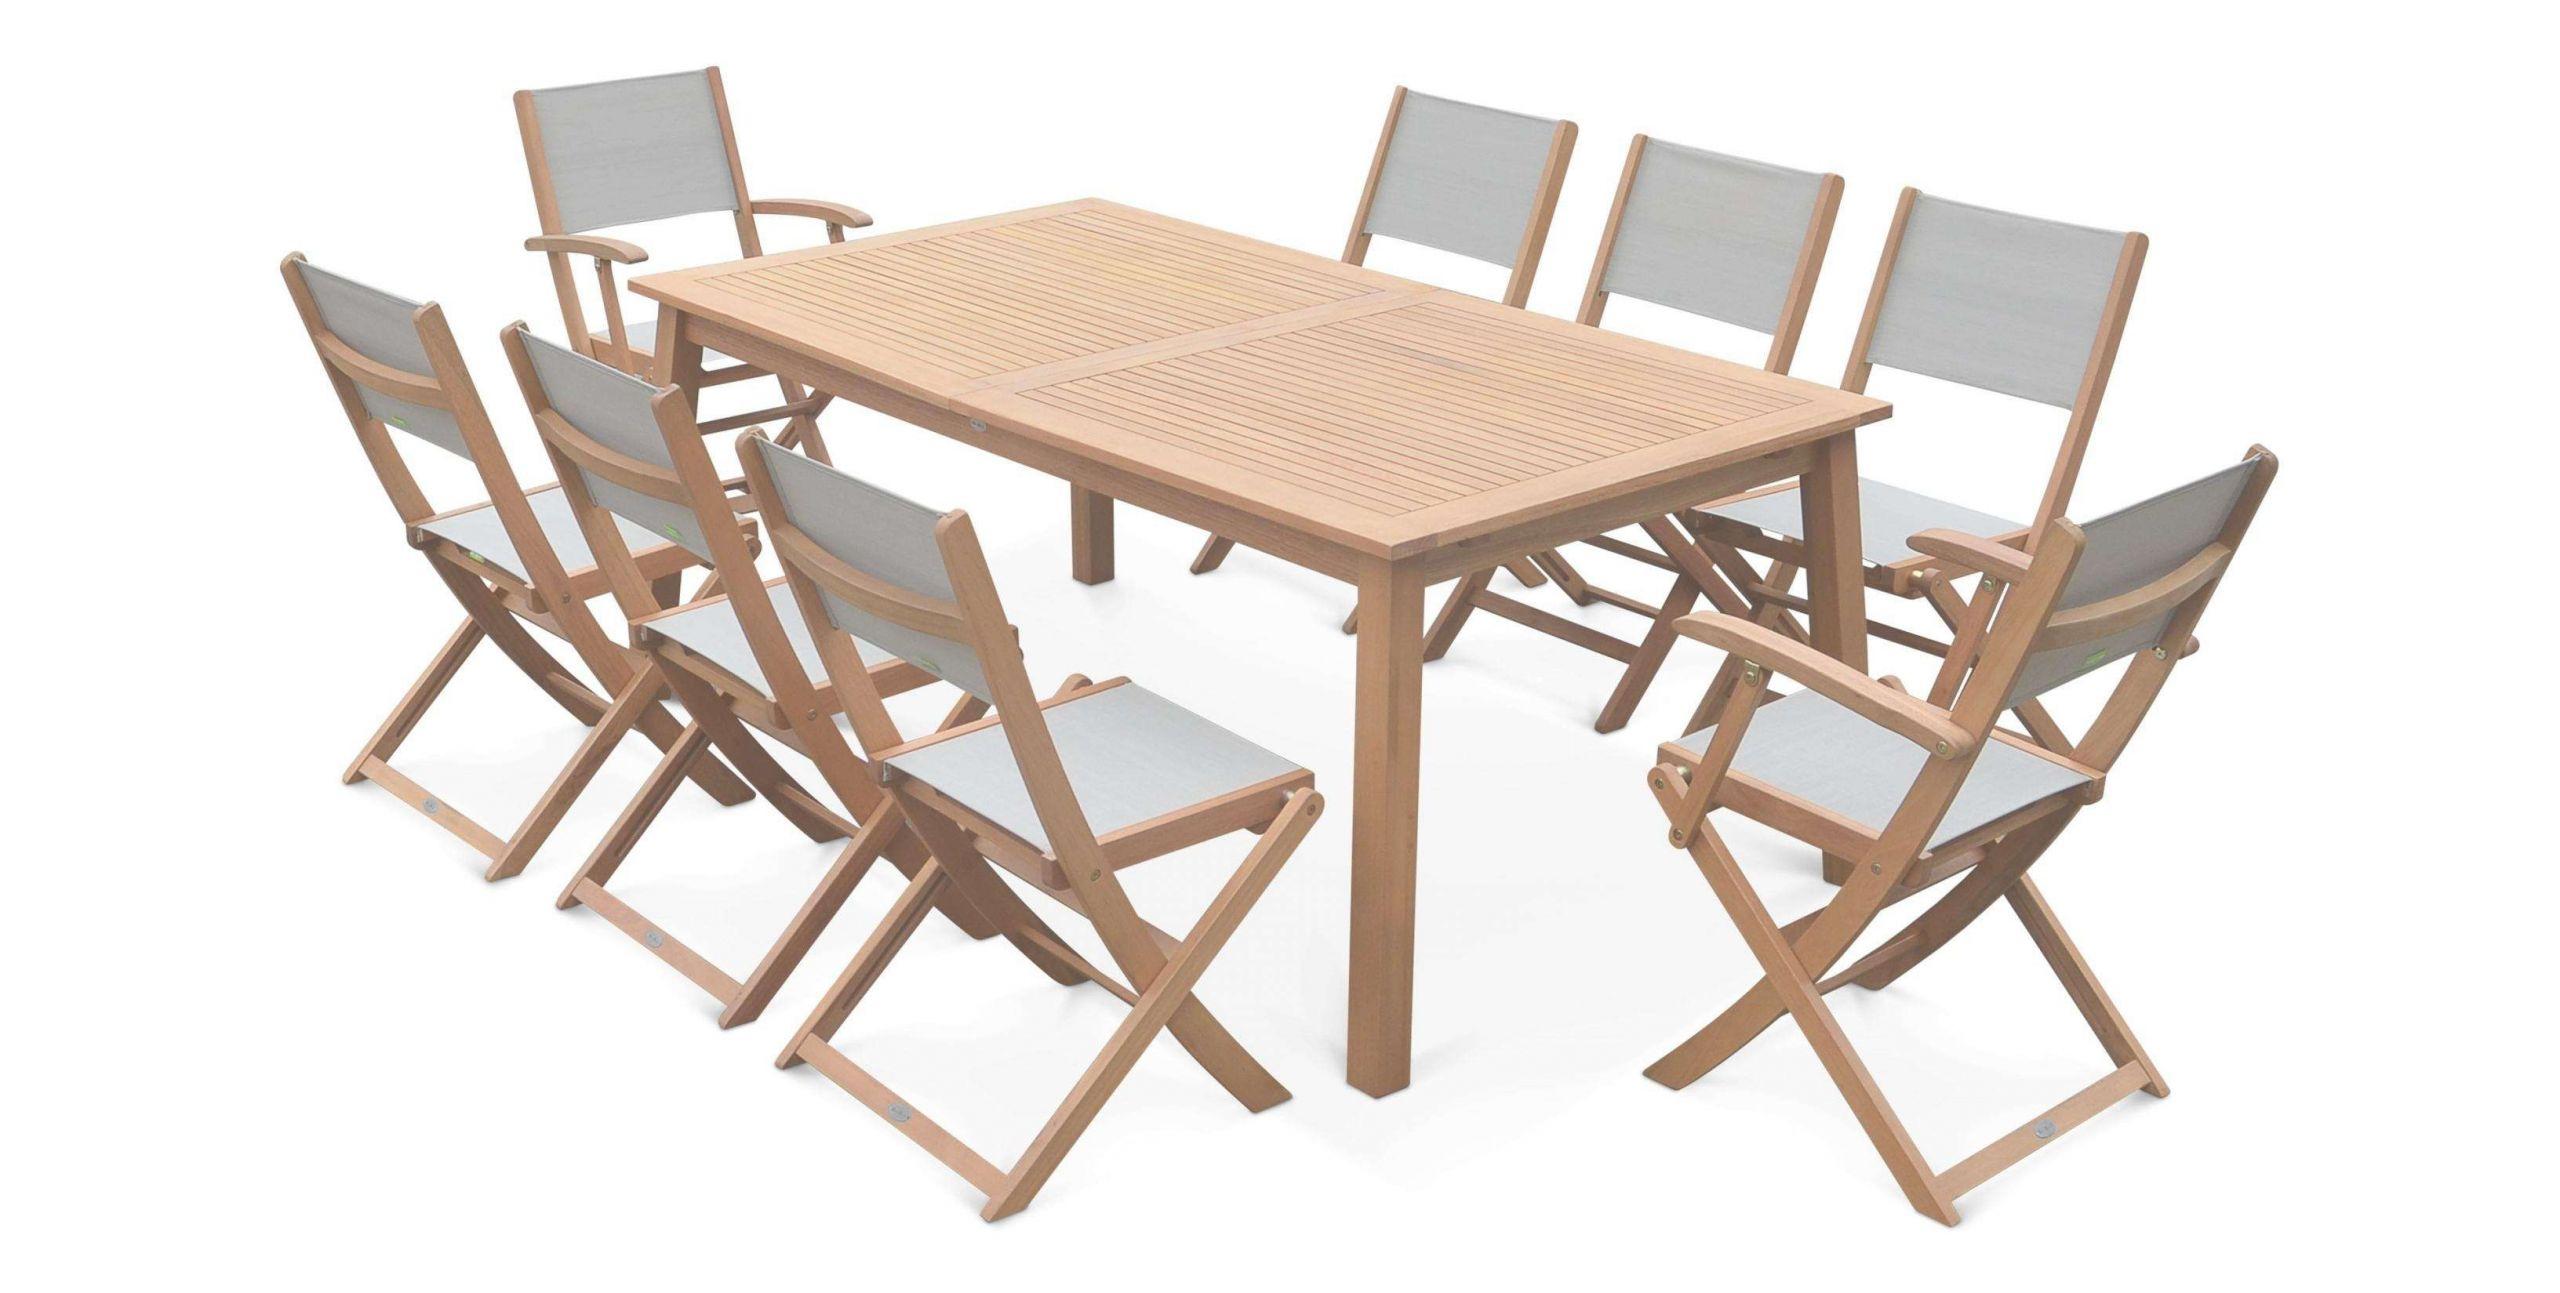 29 Luxe Table De Jardin Gifi   Salon Jardin serapportantà Tapis De Sol Piscine Gifi